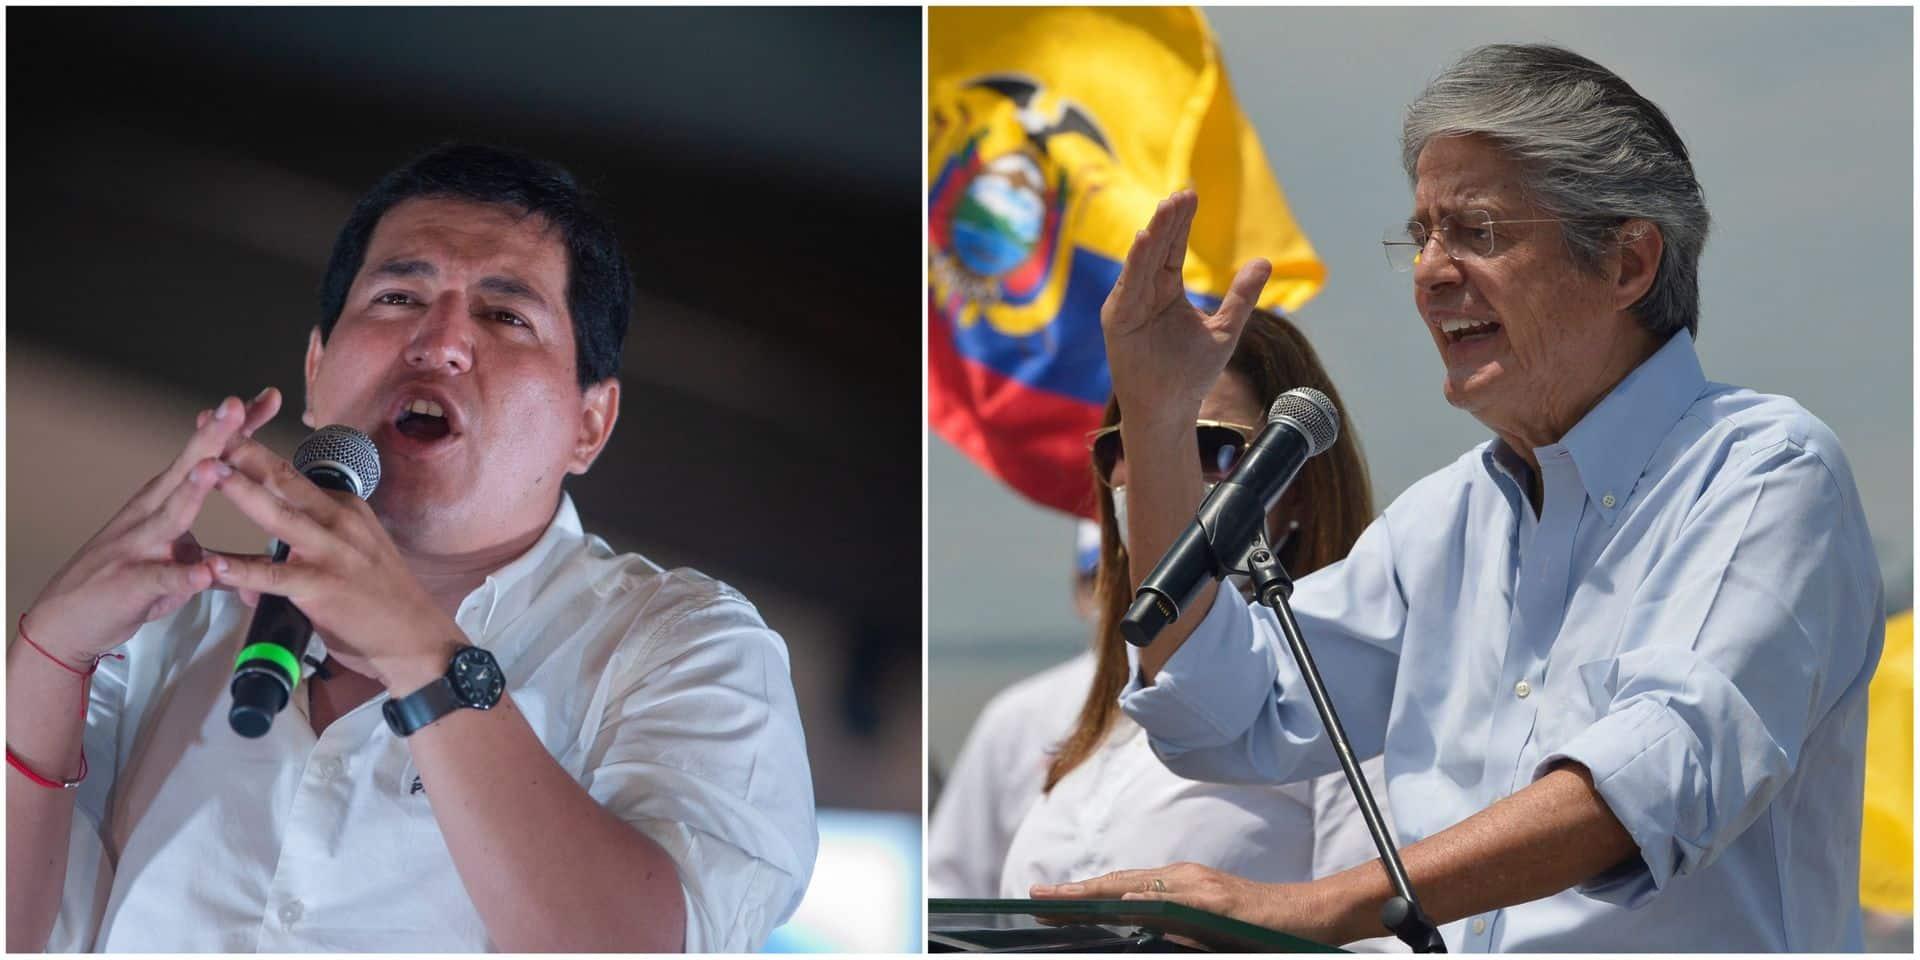 En Equateur, le second tour de la présidentielle voit s'affronter deux candidats que tout oppose